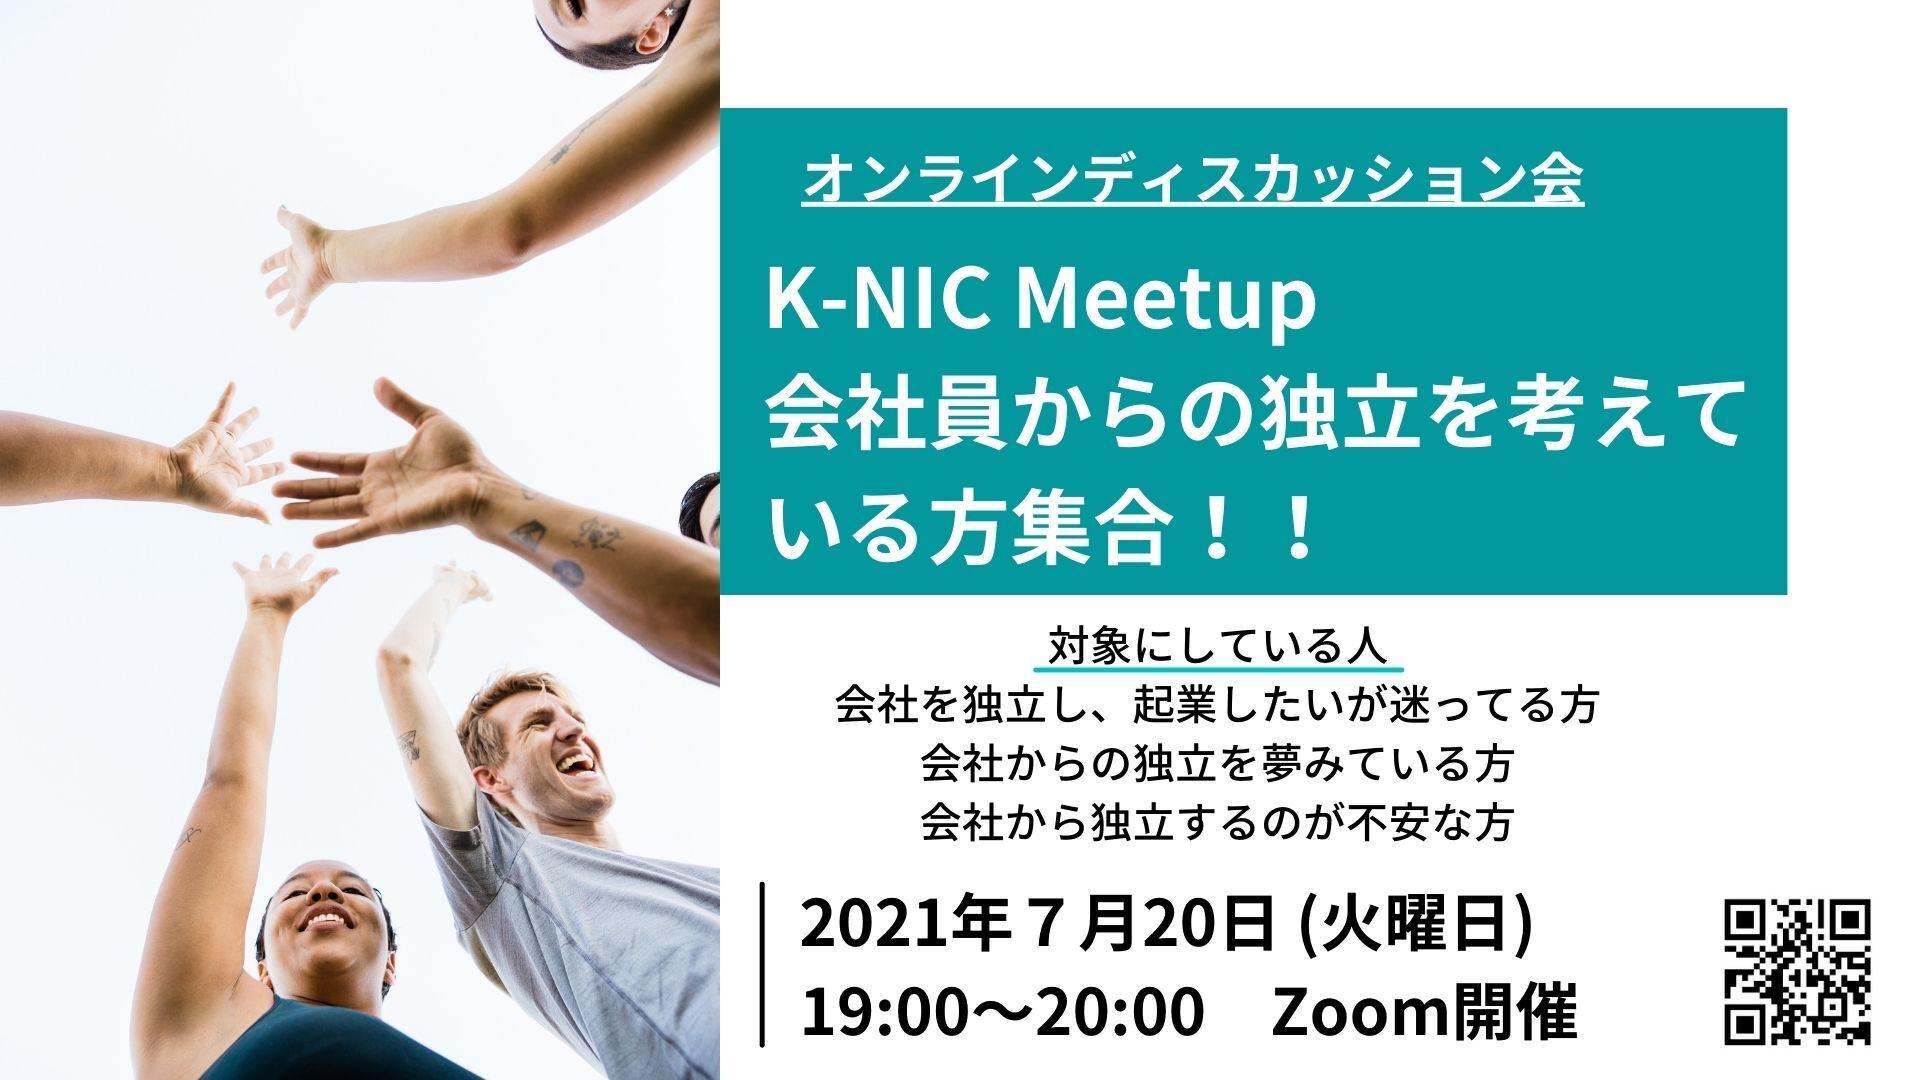 【7/20開催】 K-NIC Meetup会社から独立を考えている人集合!